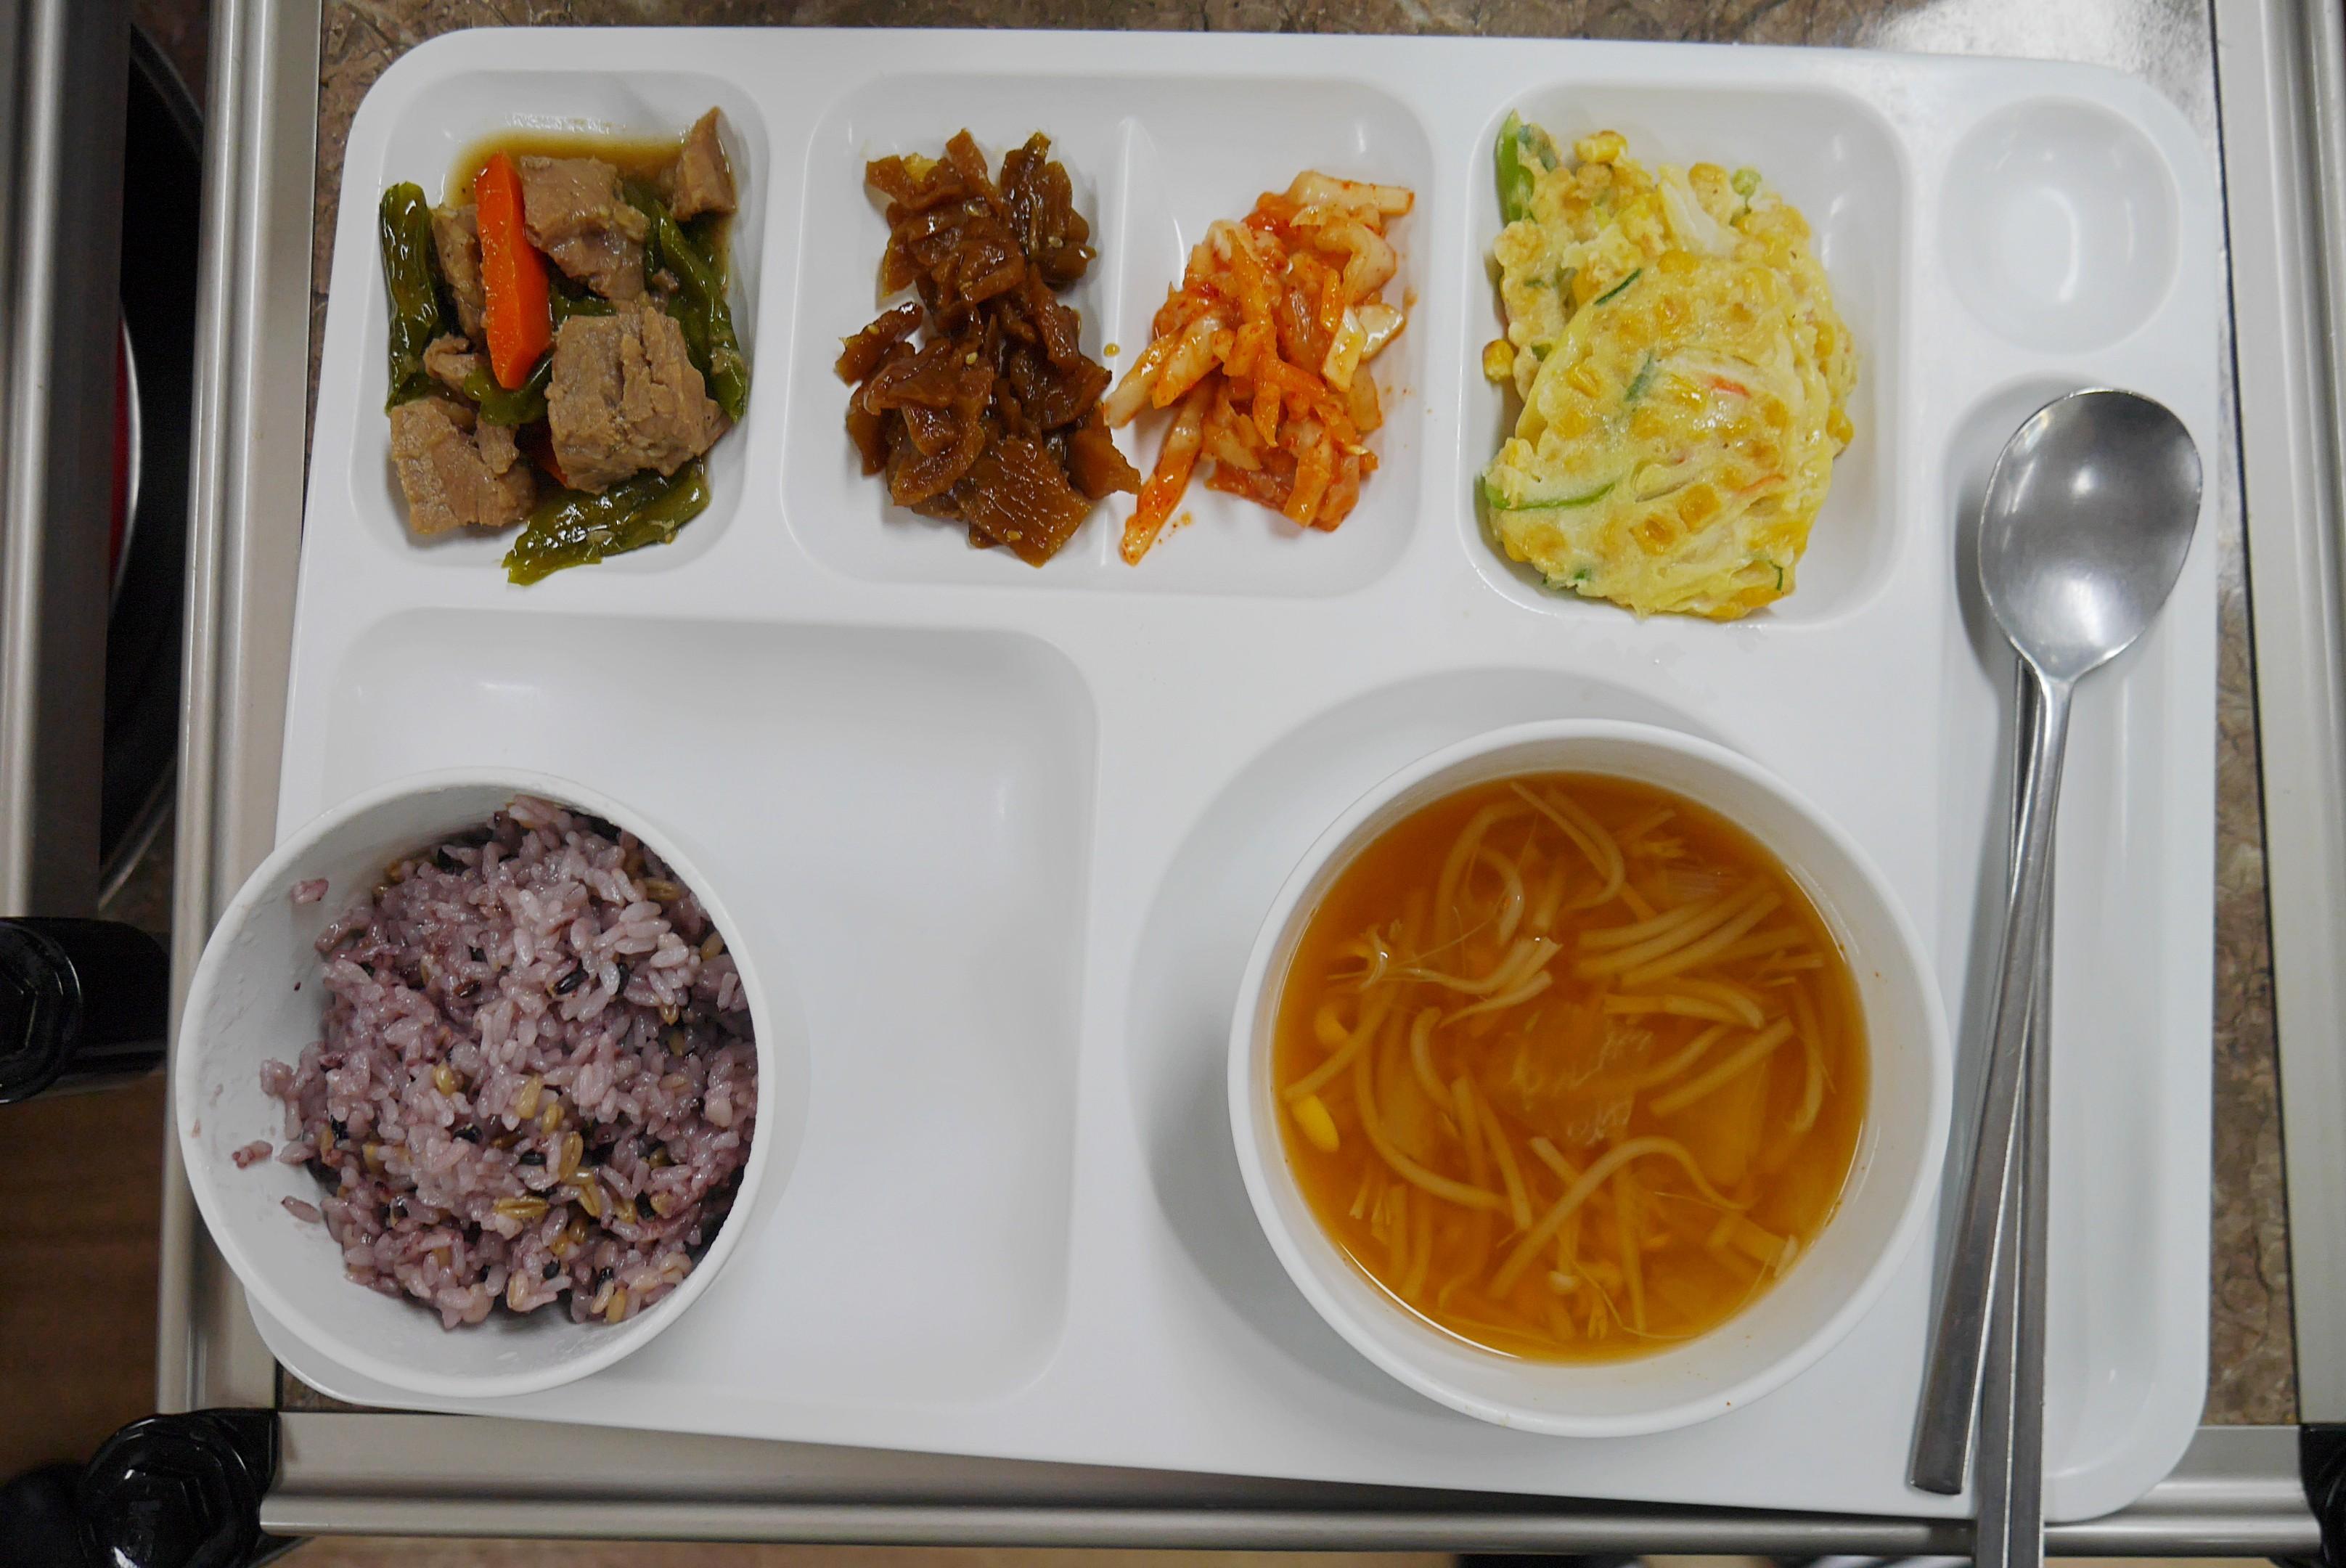 주야간보호센터 3월 저녁식사 사진입니다.